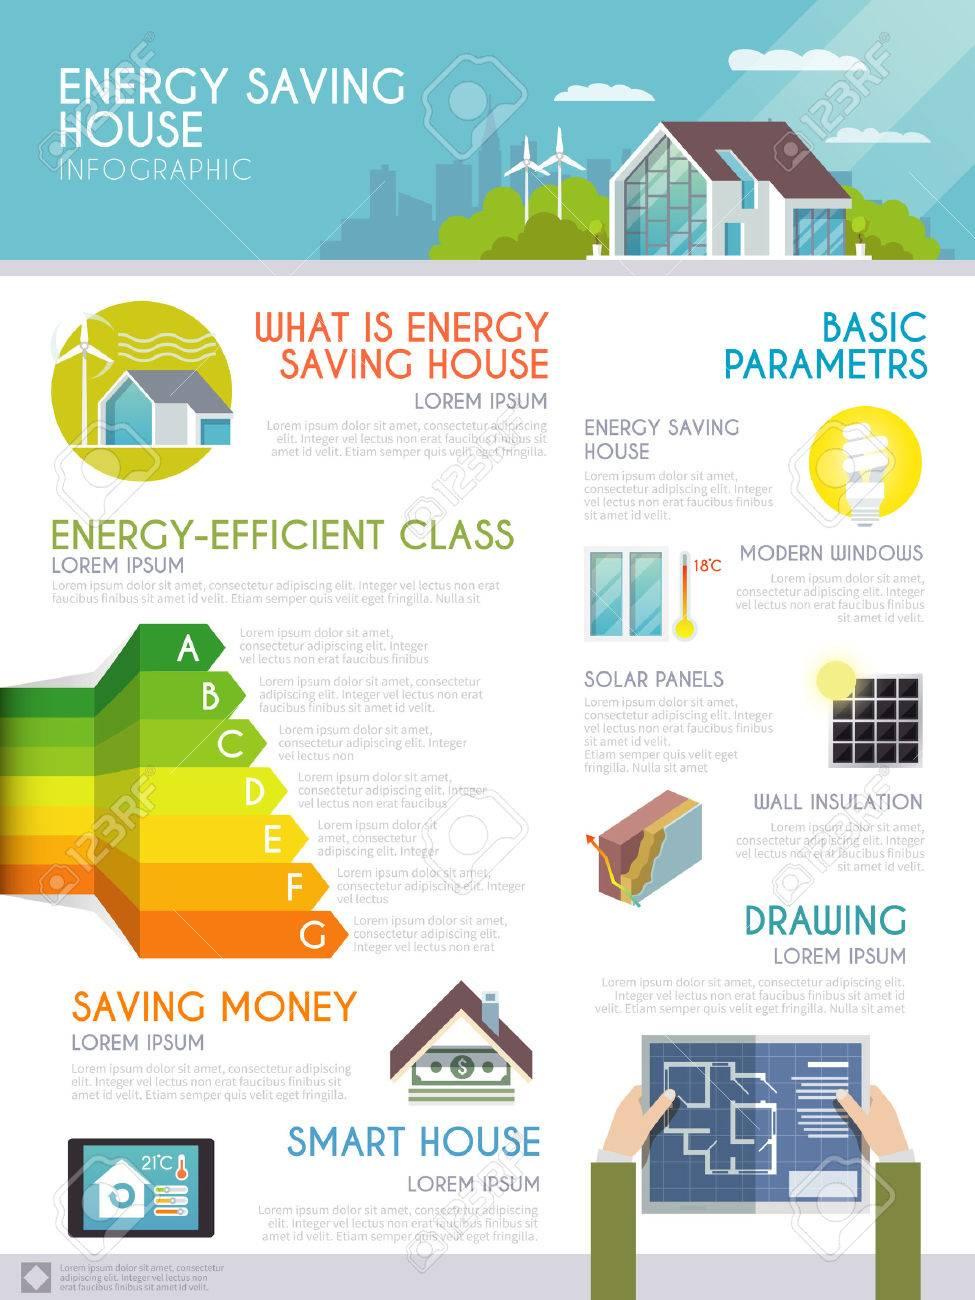 Como Ahorrar Energia En Casa Free Ene Ahorro De Energa En Casa  ~ Medidas Para Ahorrar Energia En Casa